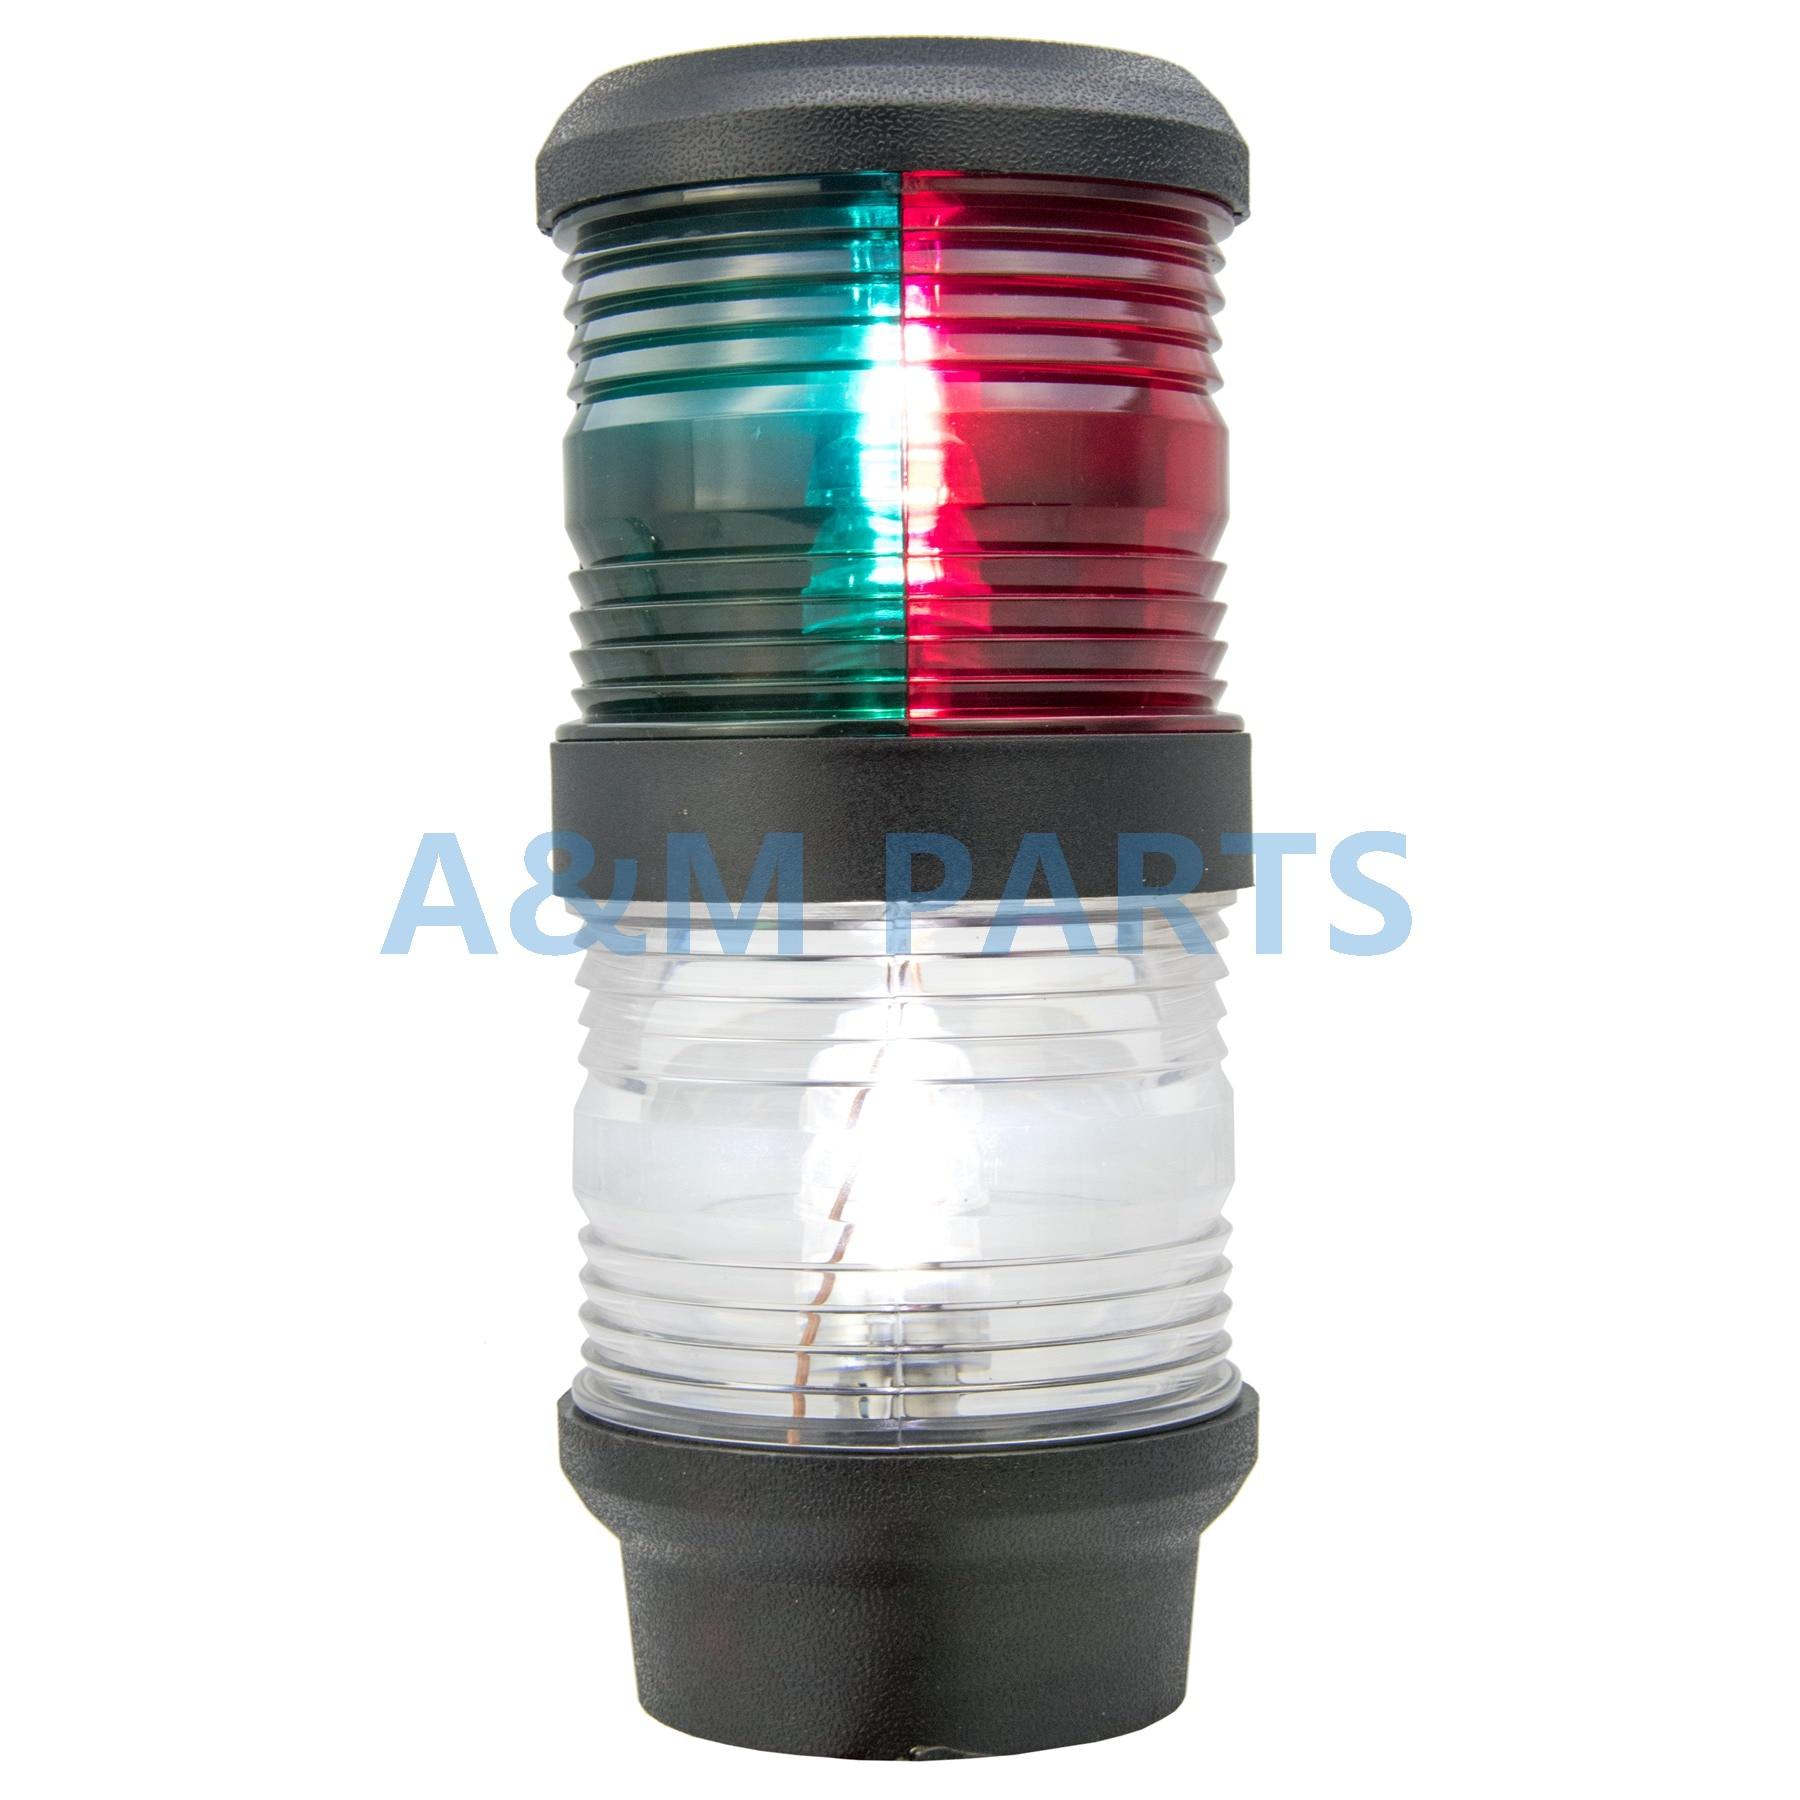 LED Bi Color & All Round Anchor Light - Boat Marine Navigation Masthead Light for SailboatLED Bi Color & All Round Anchor Light - Boat Marine Navigation Masthead Light for Sailboat